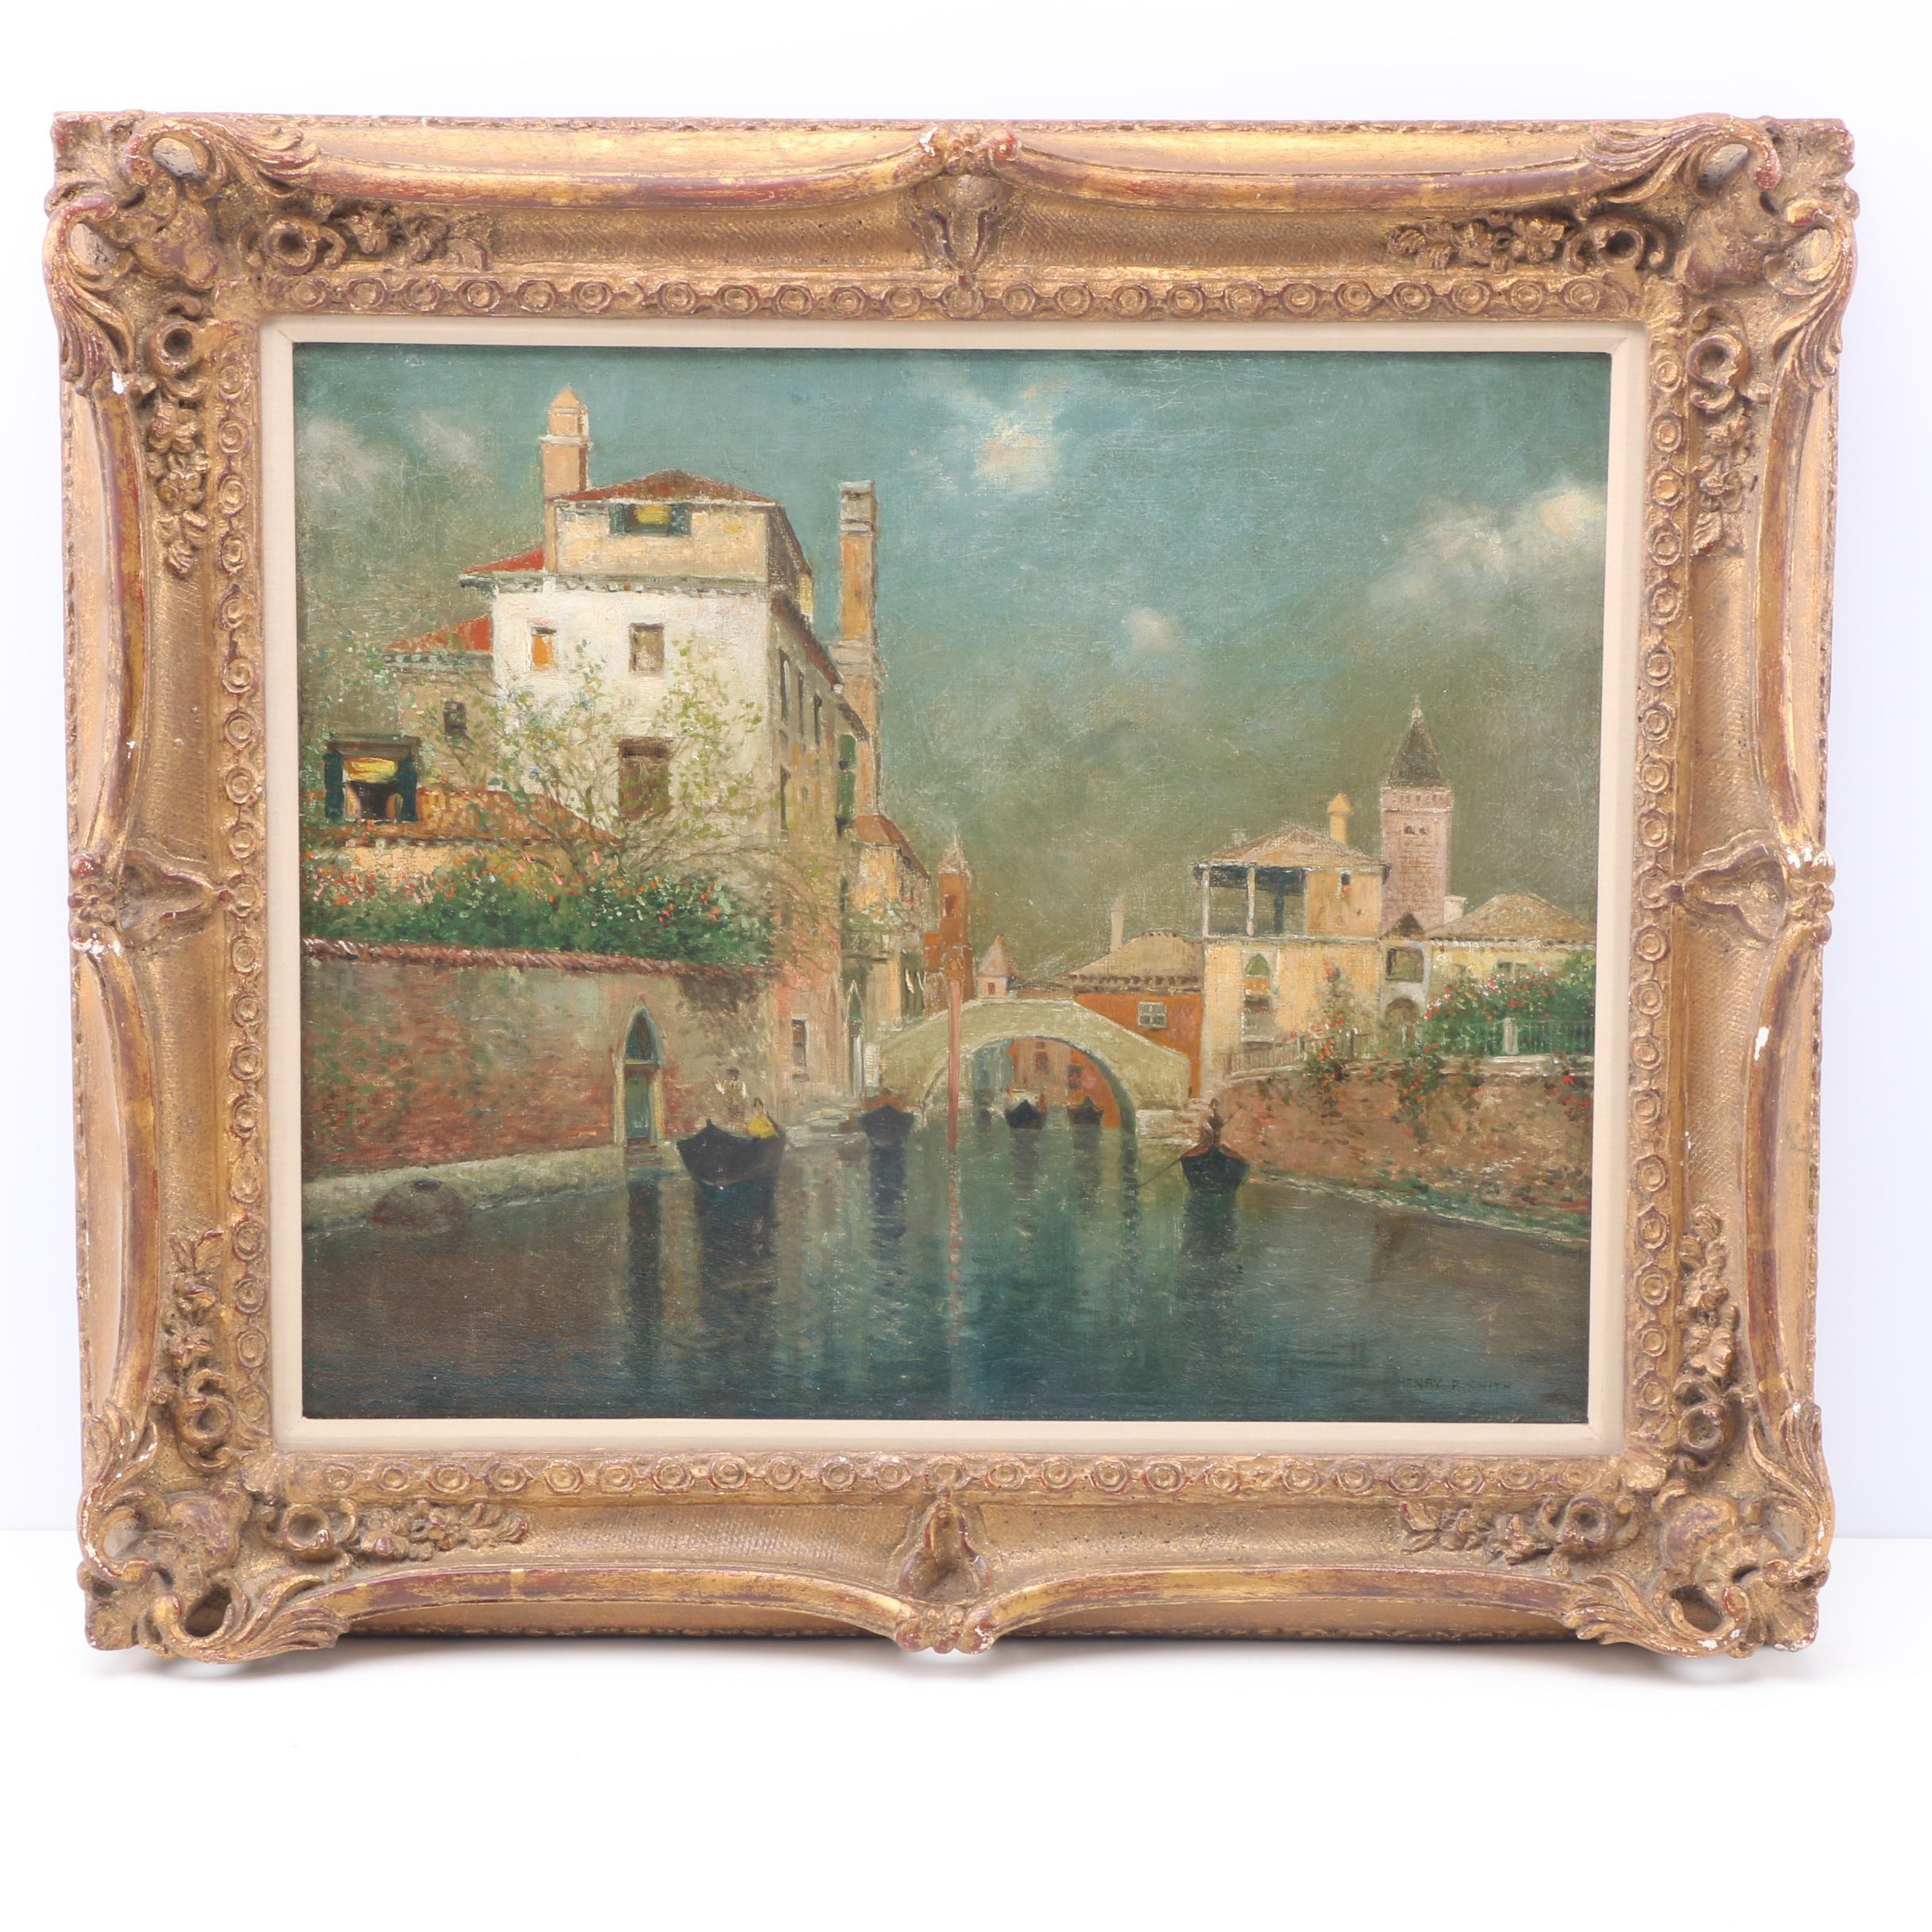 Henry Pember Smith Oil Painting on Wood Panel of Venetian Scene